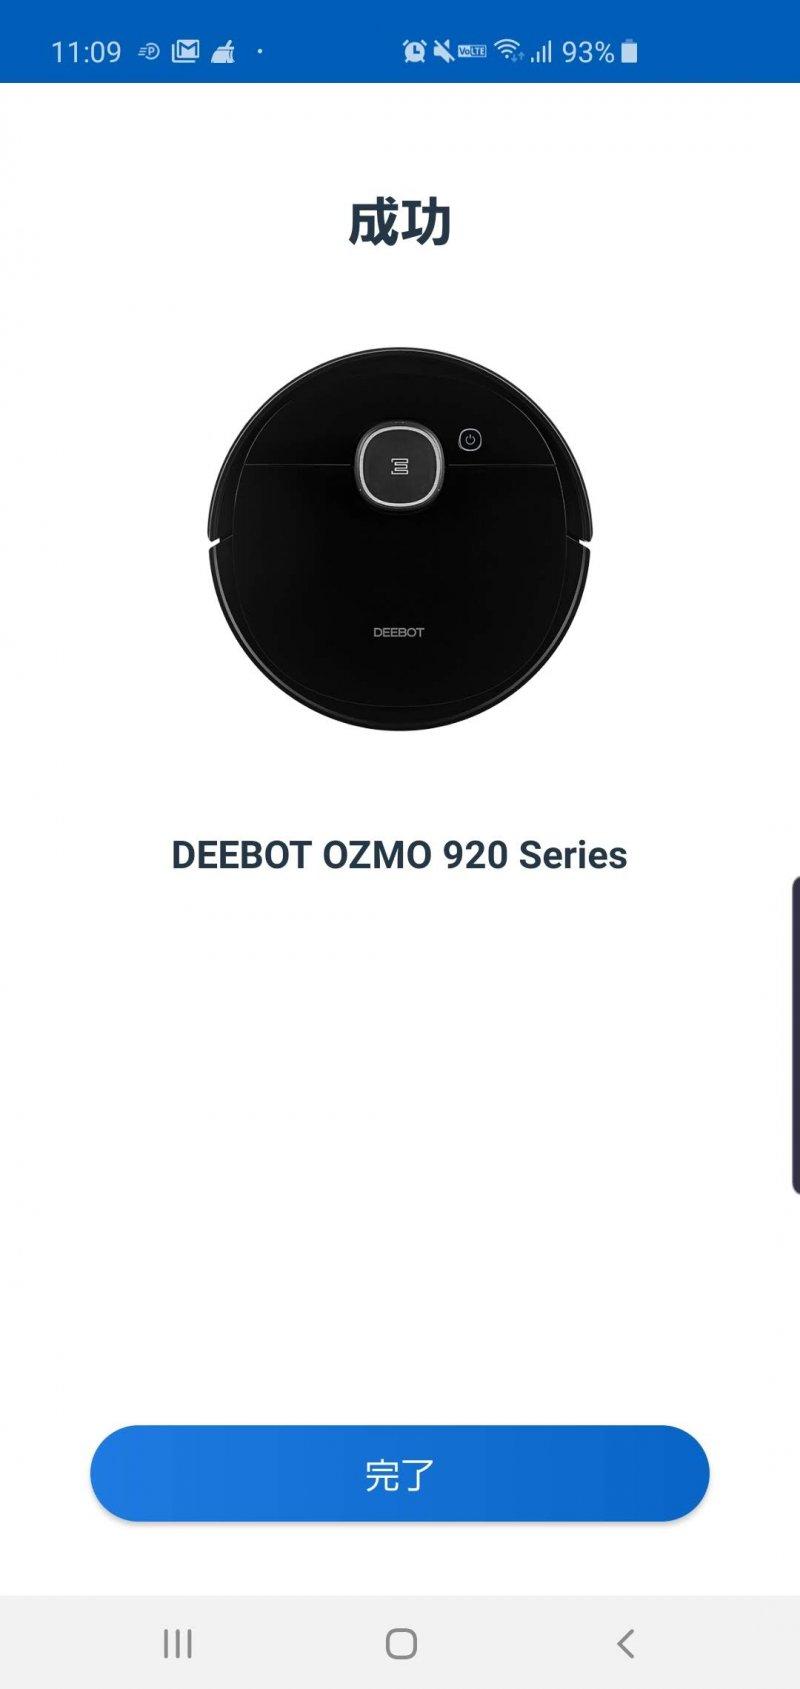 エコバックス「DEEBOT OZMO 920」